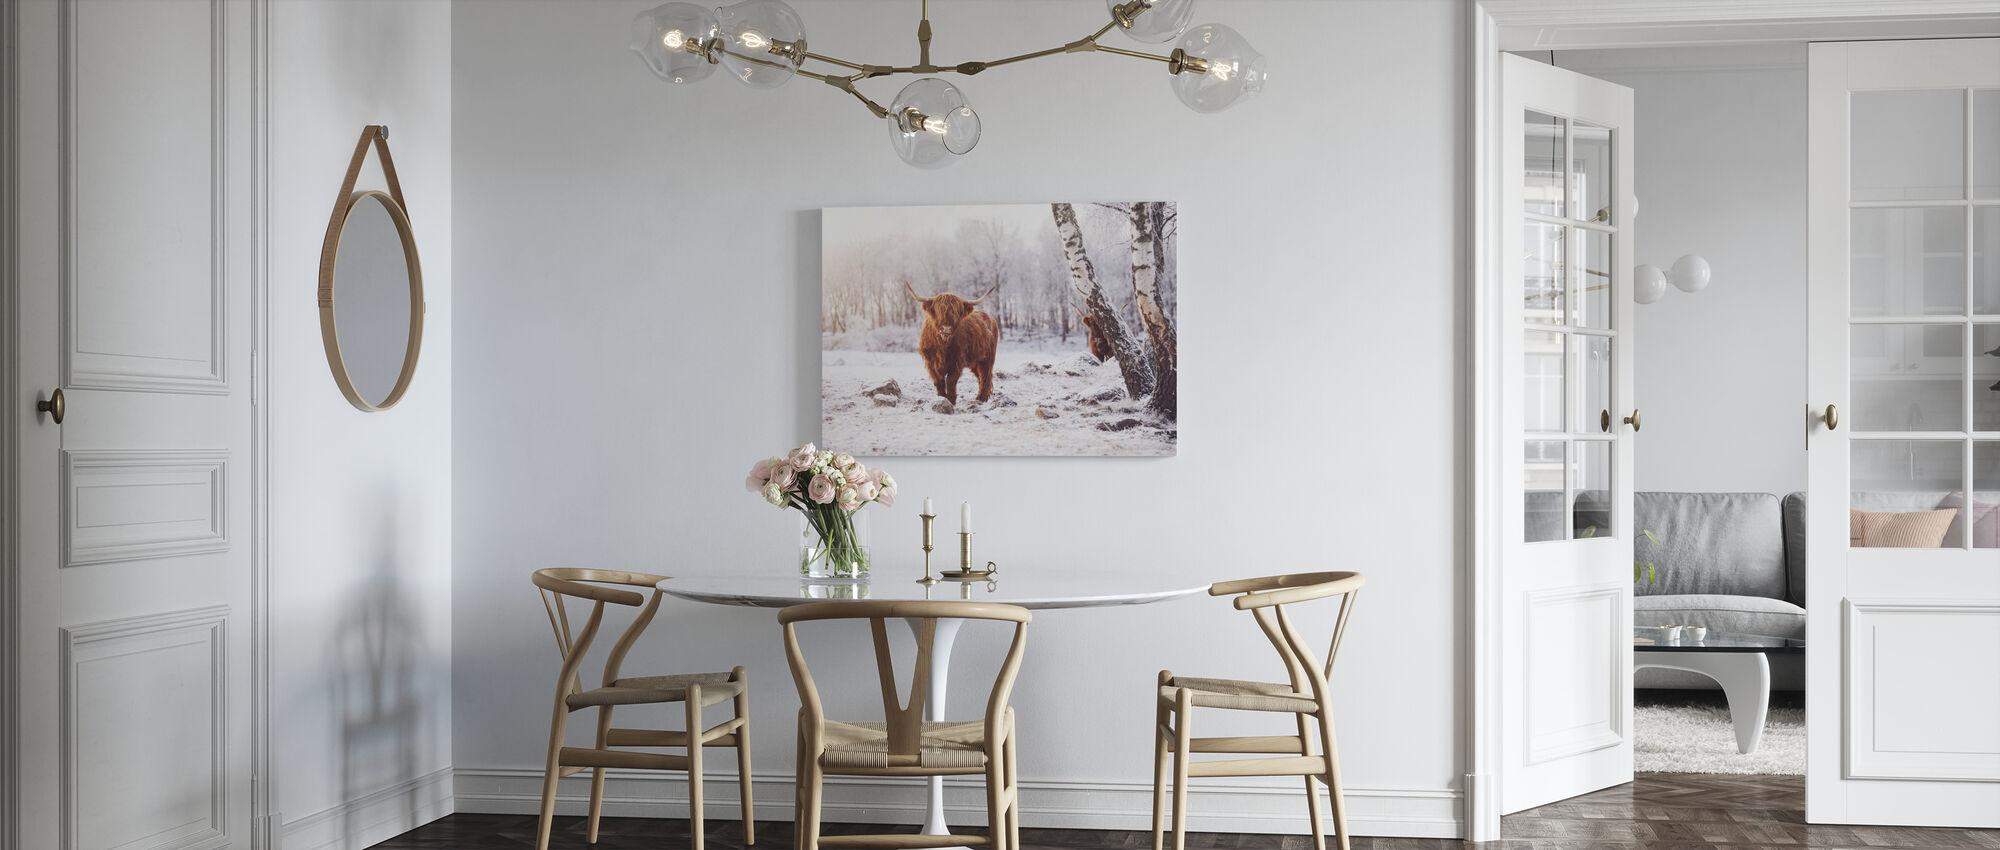 Highland Cattle - Canvas print - Kitchen